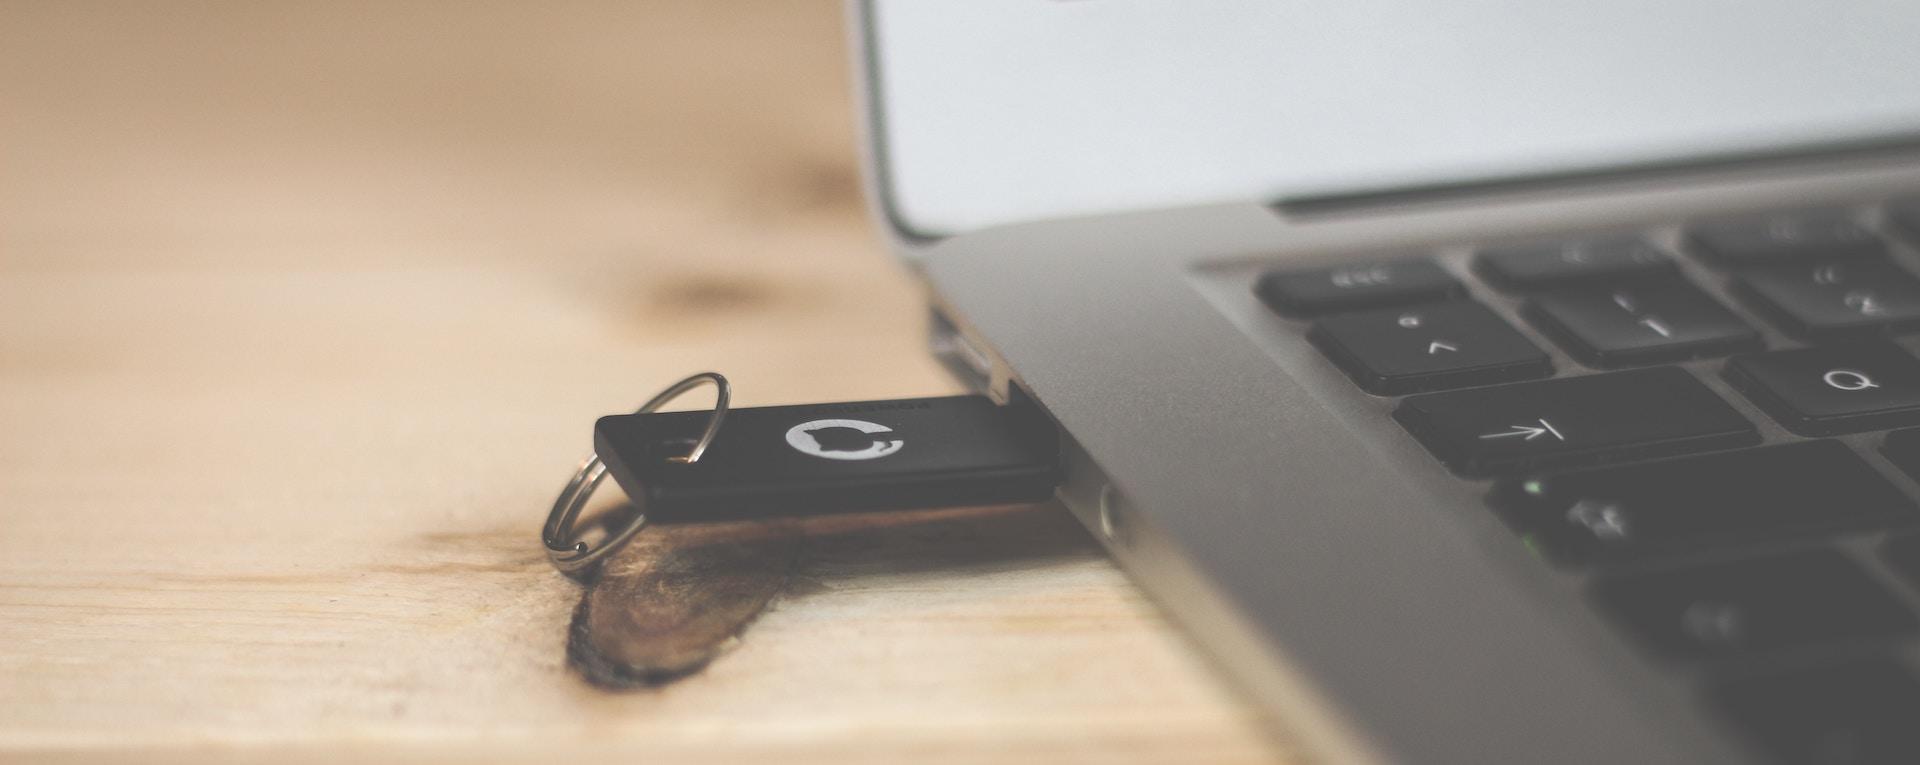 USBFlashCopy – Pour sauvegarder automatiquement le contenu des clés USB